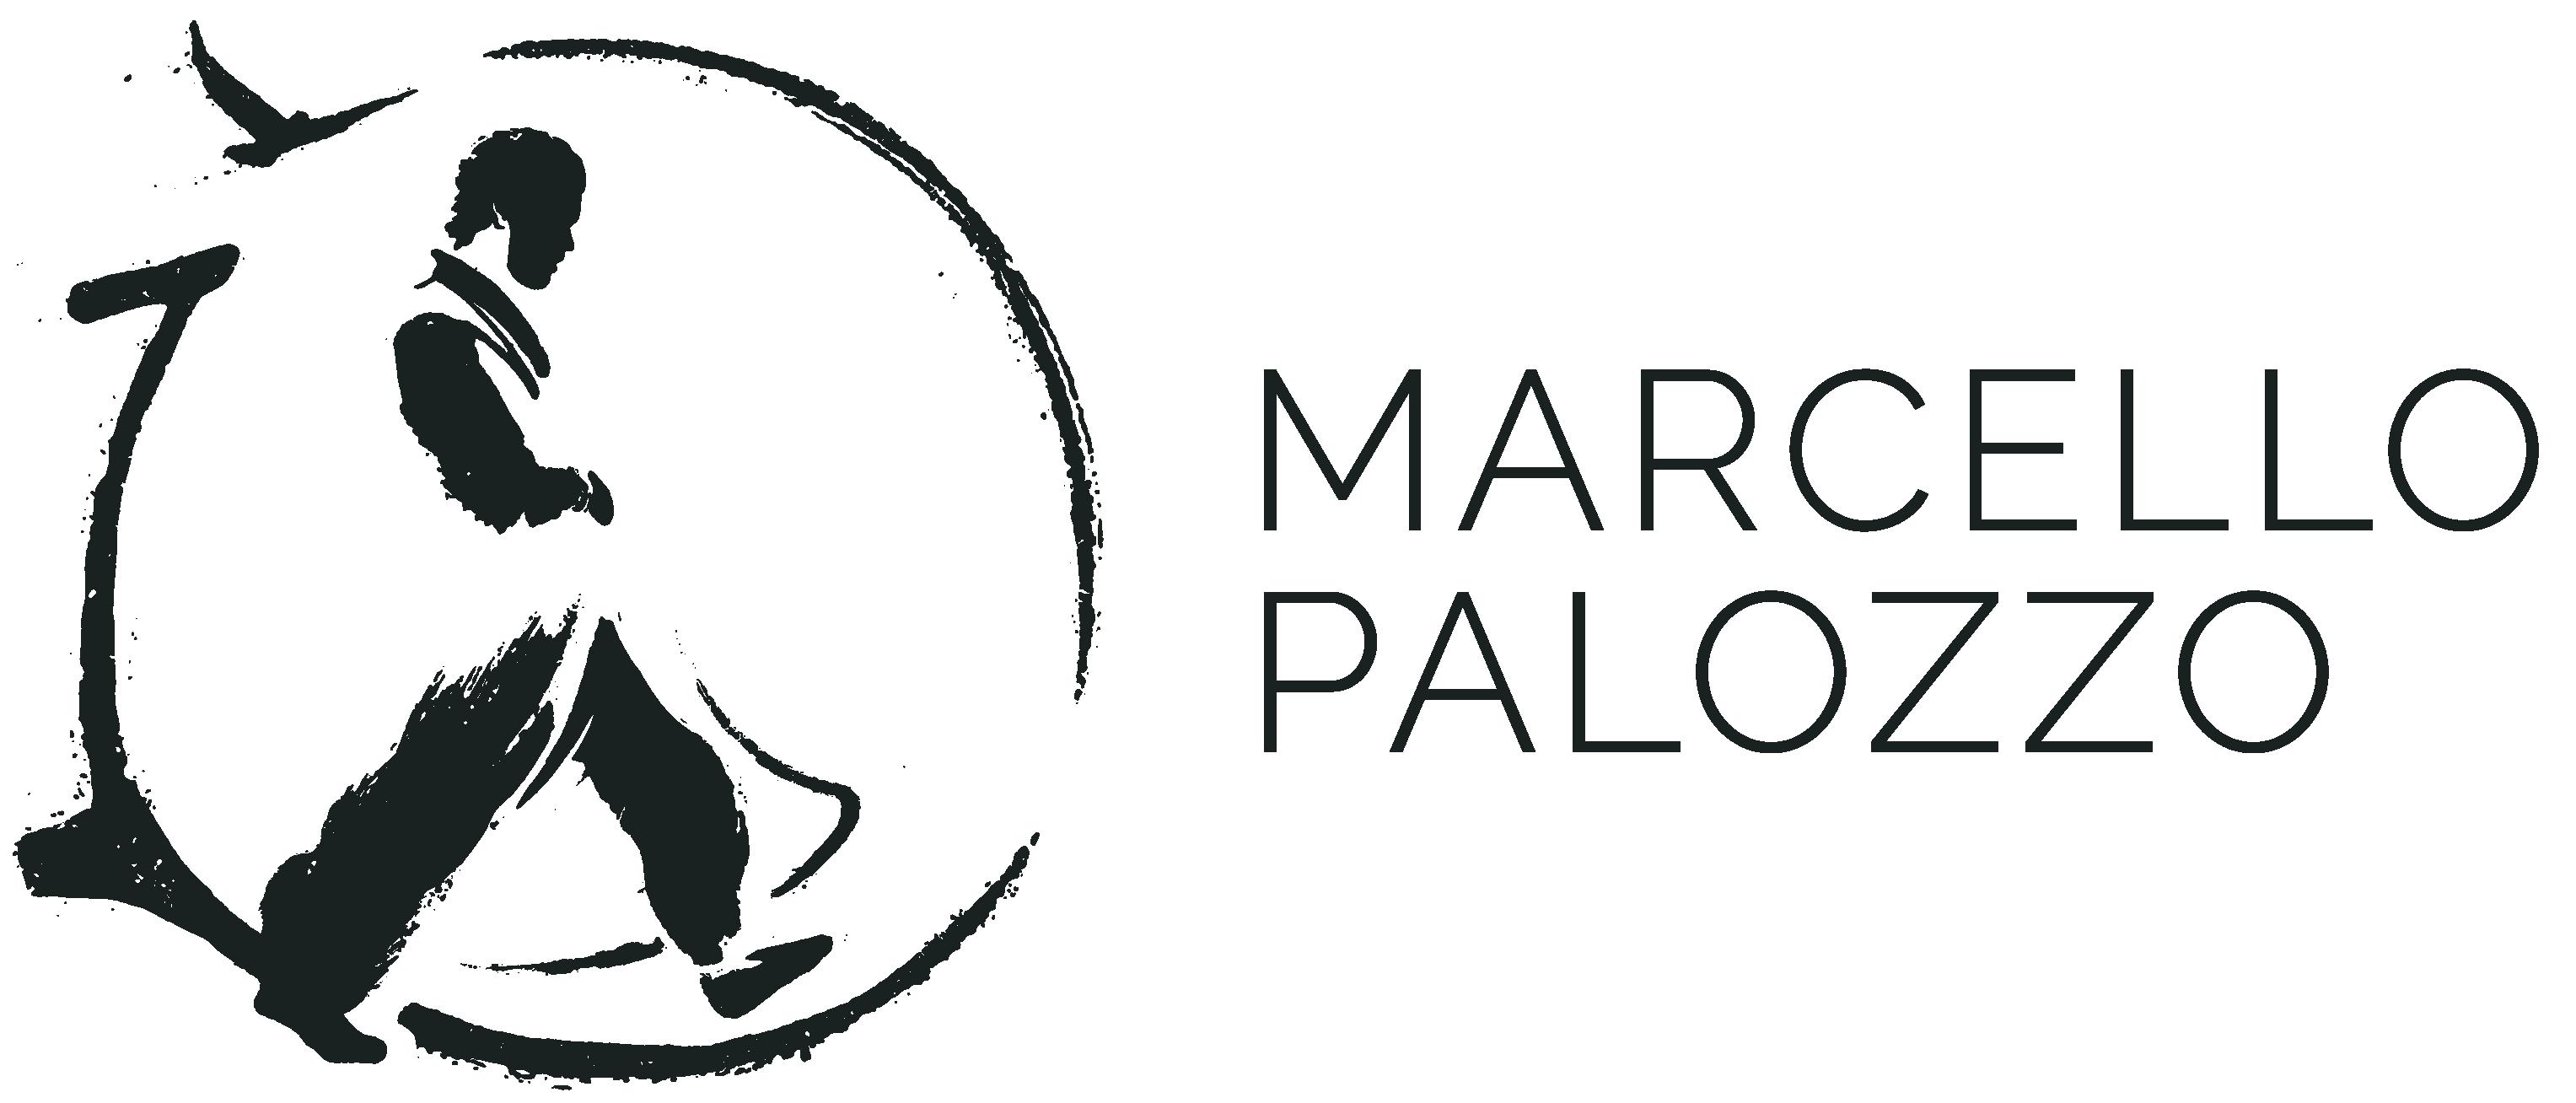 Marcello Palozzo